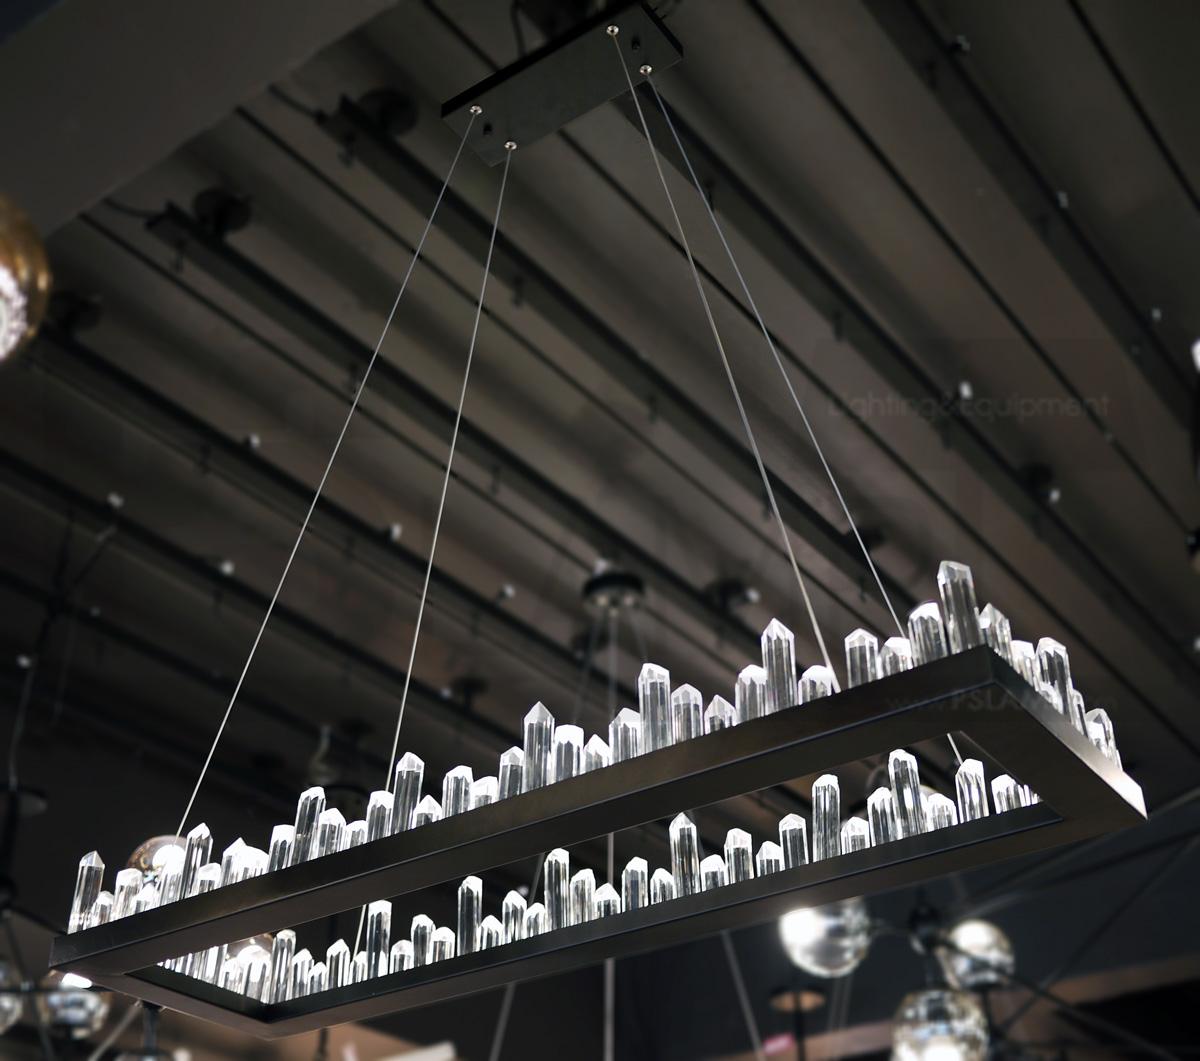 โคมไฟระย้า โคมไฟเพดาน โคมไฟแขวน โคมไฟโมเดิร์น โคมไฟช่อ LFC1031